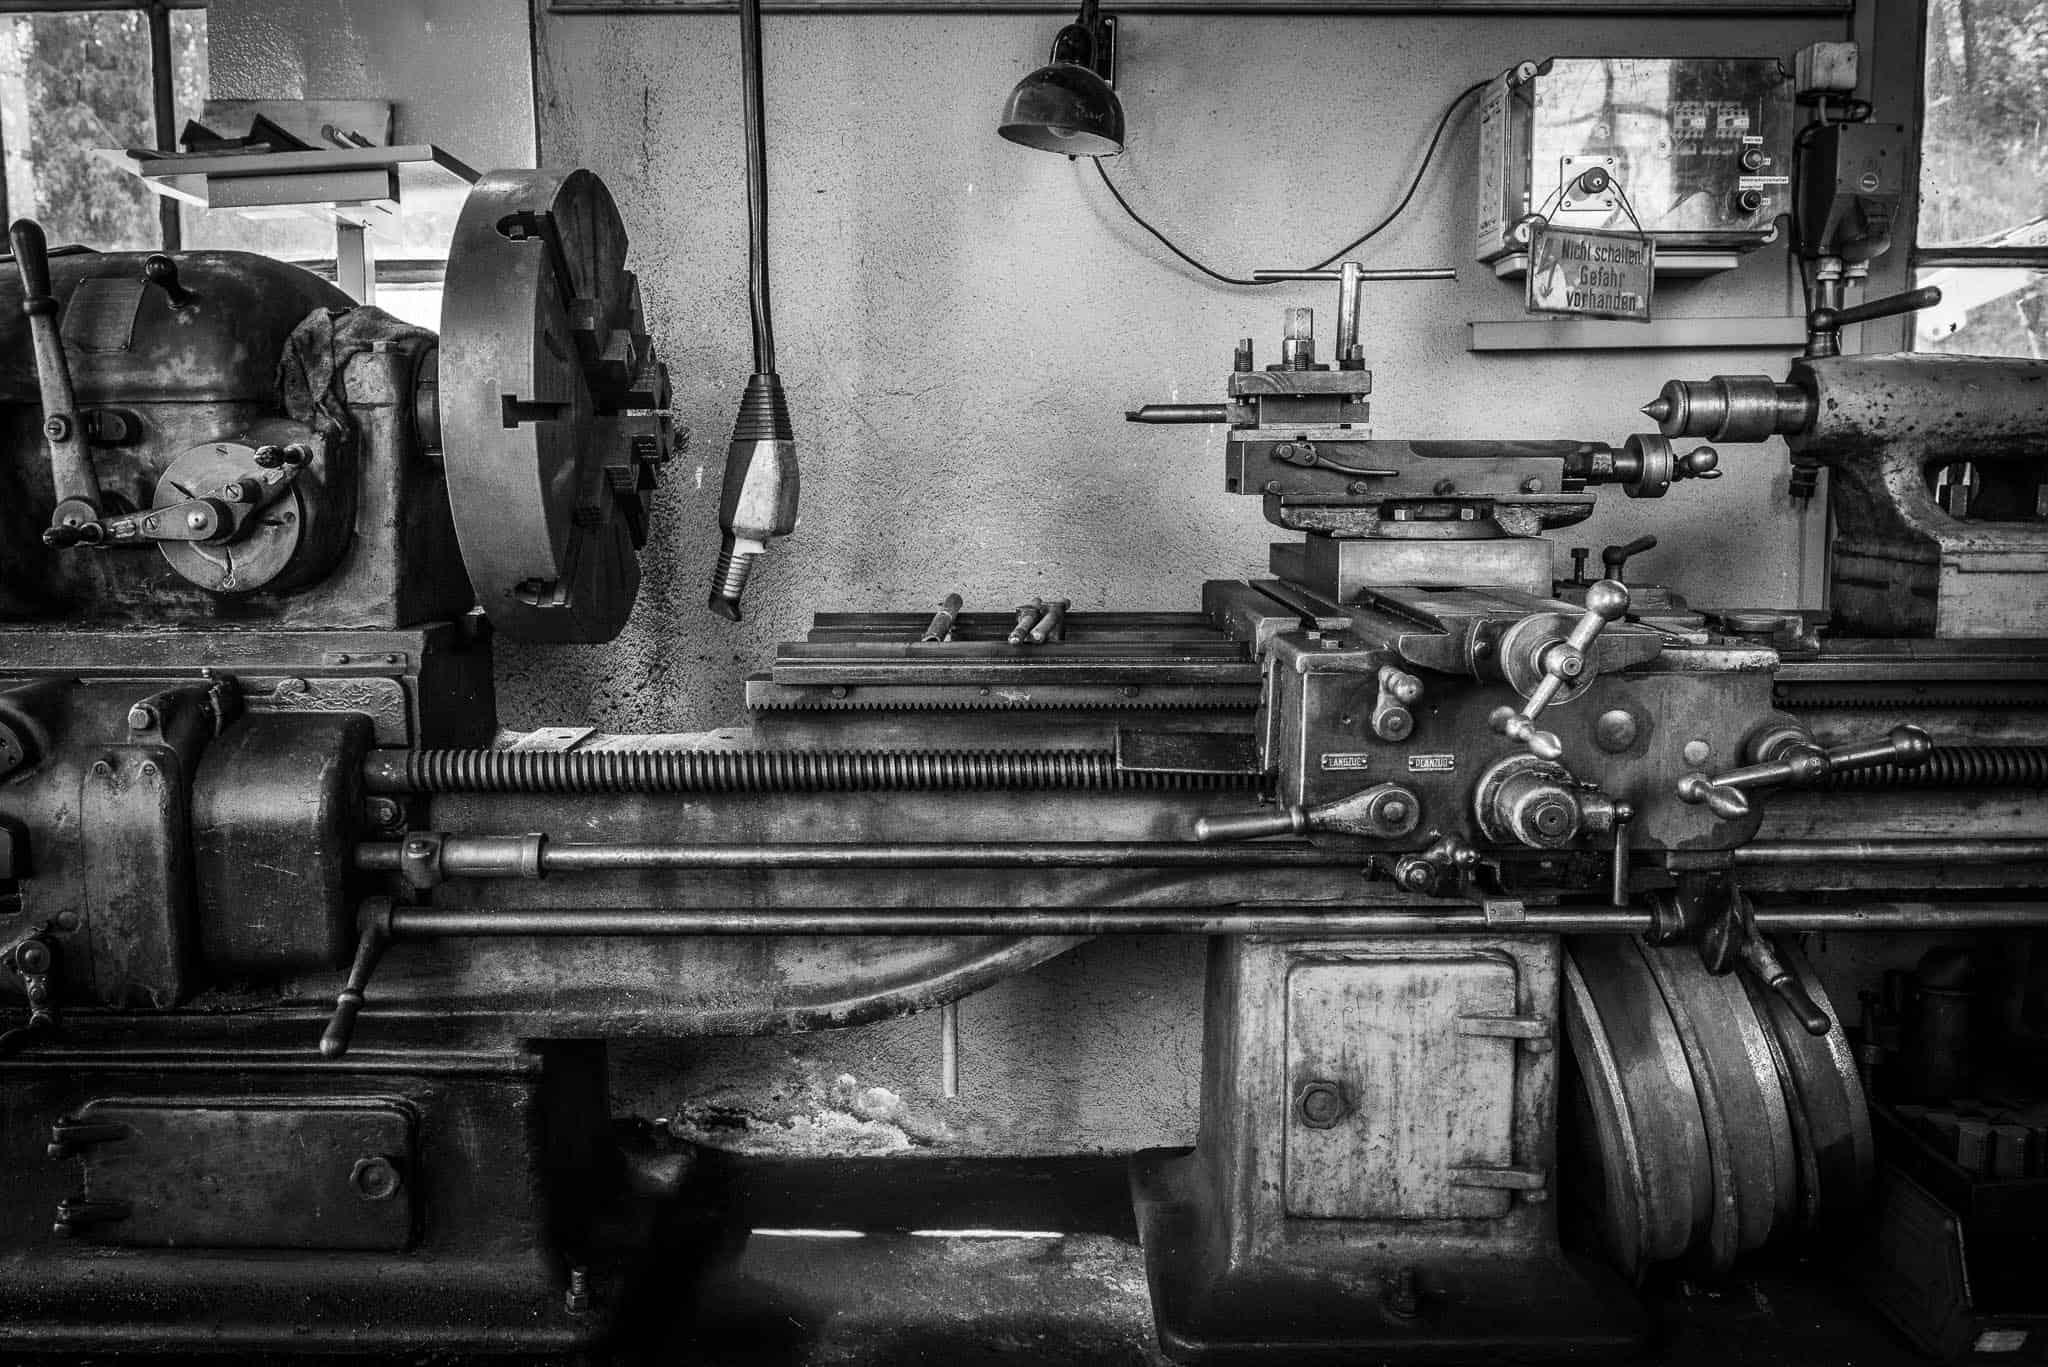 Mechanische Drehmaschine, fotografieren mit Festbrennweiten